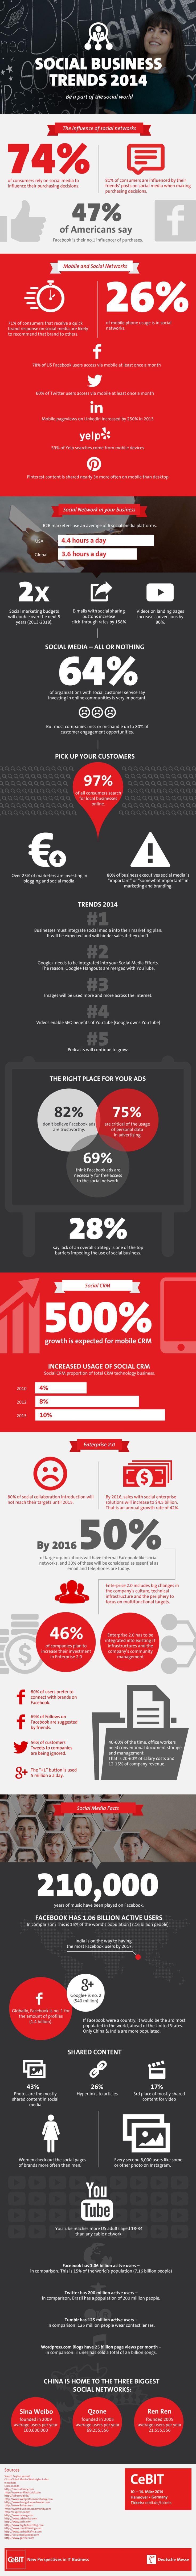 #SocialMedia Business 2014 trend's #Infographic / #SocialMedia y negocios tendencias para 2014 #Infografía